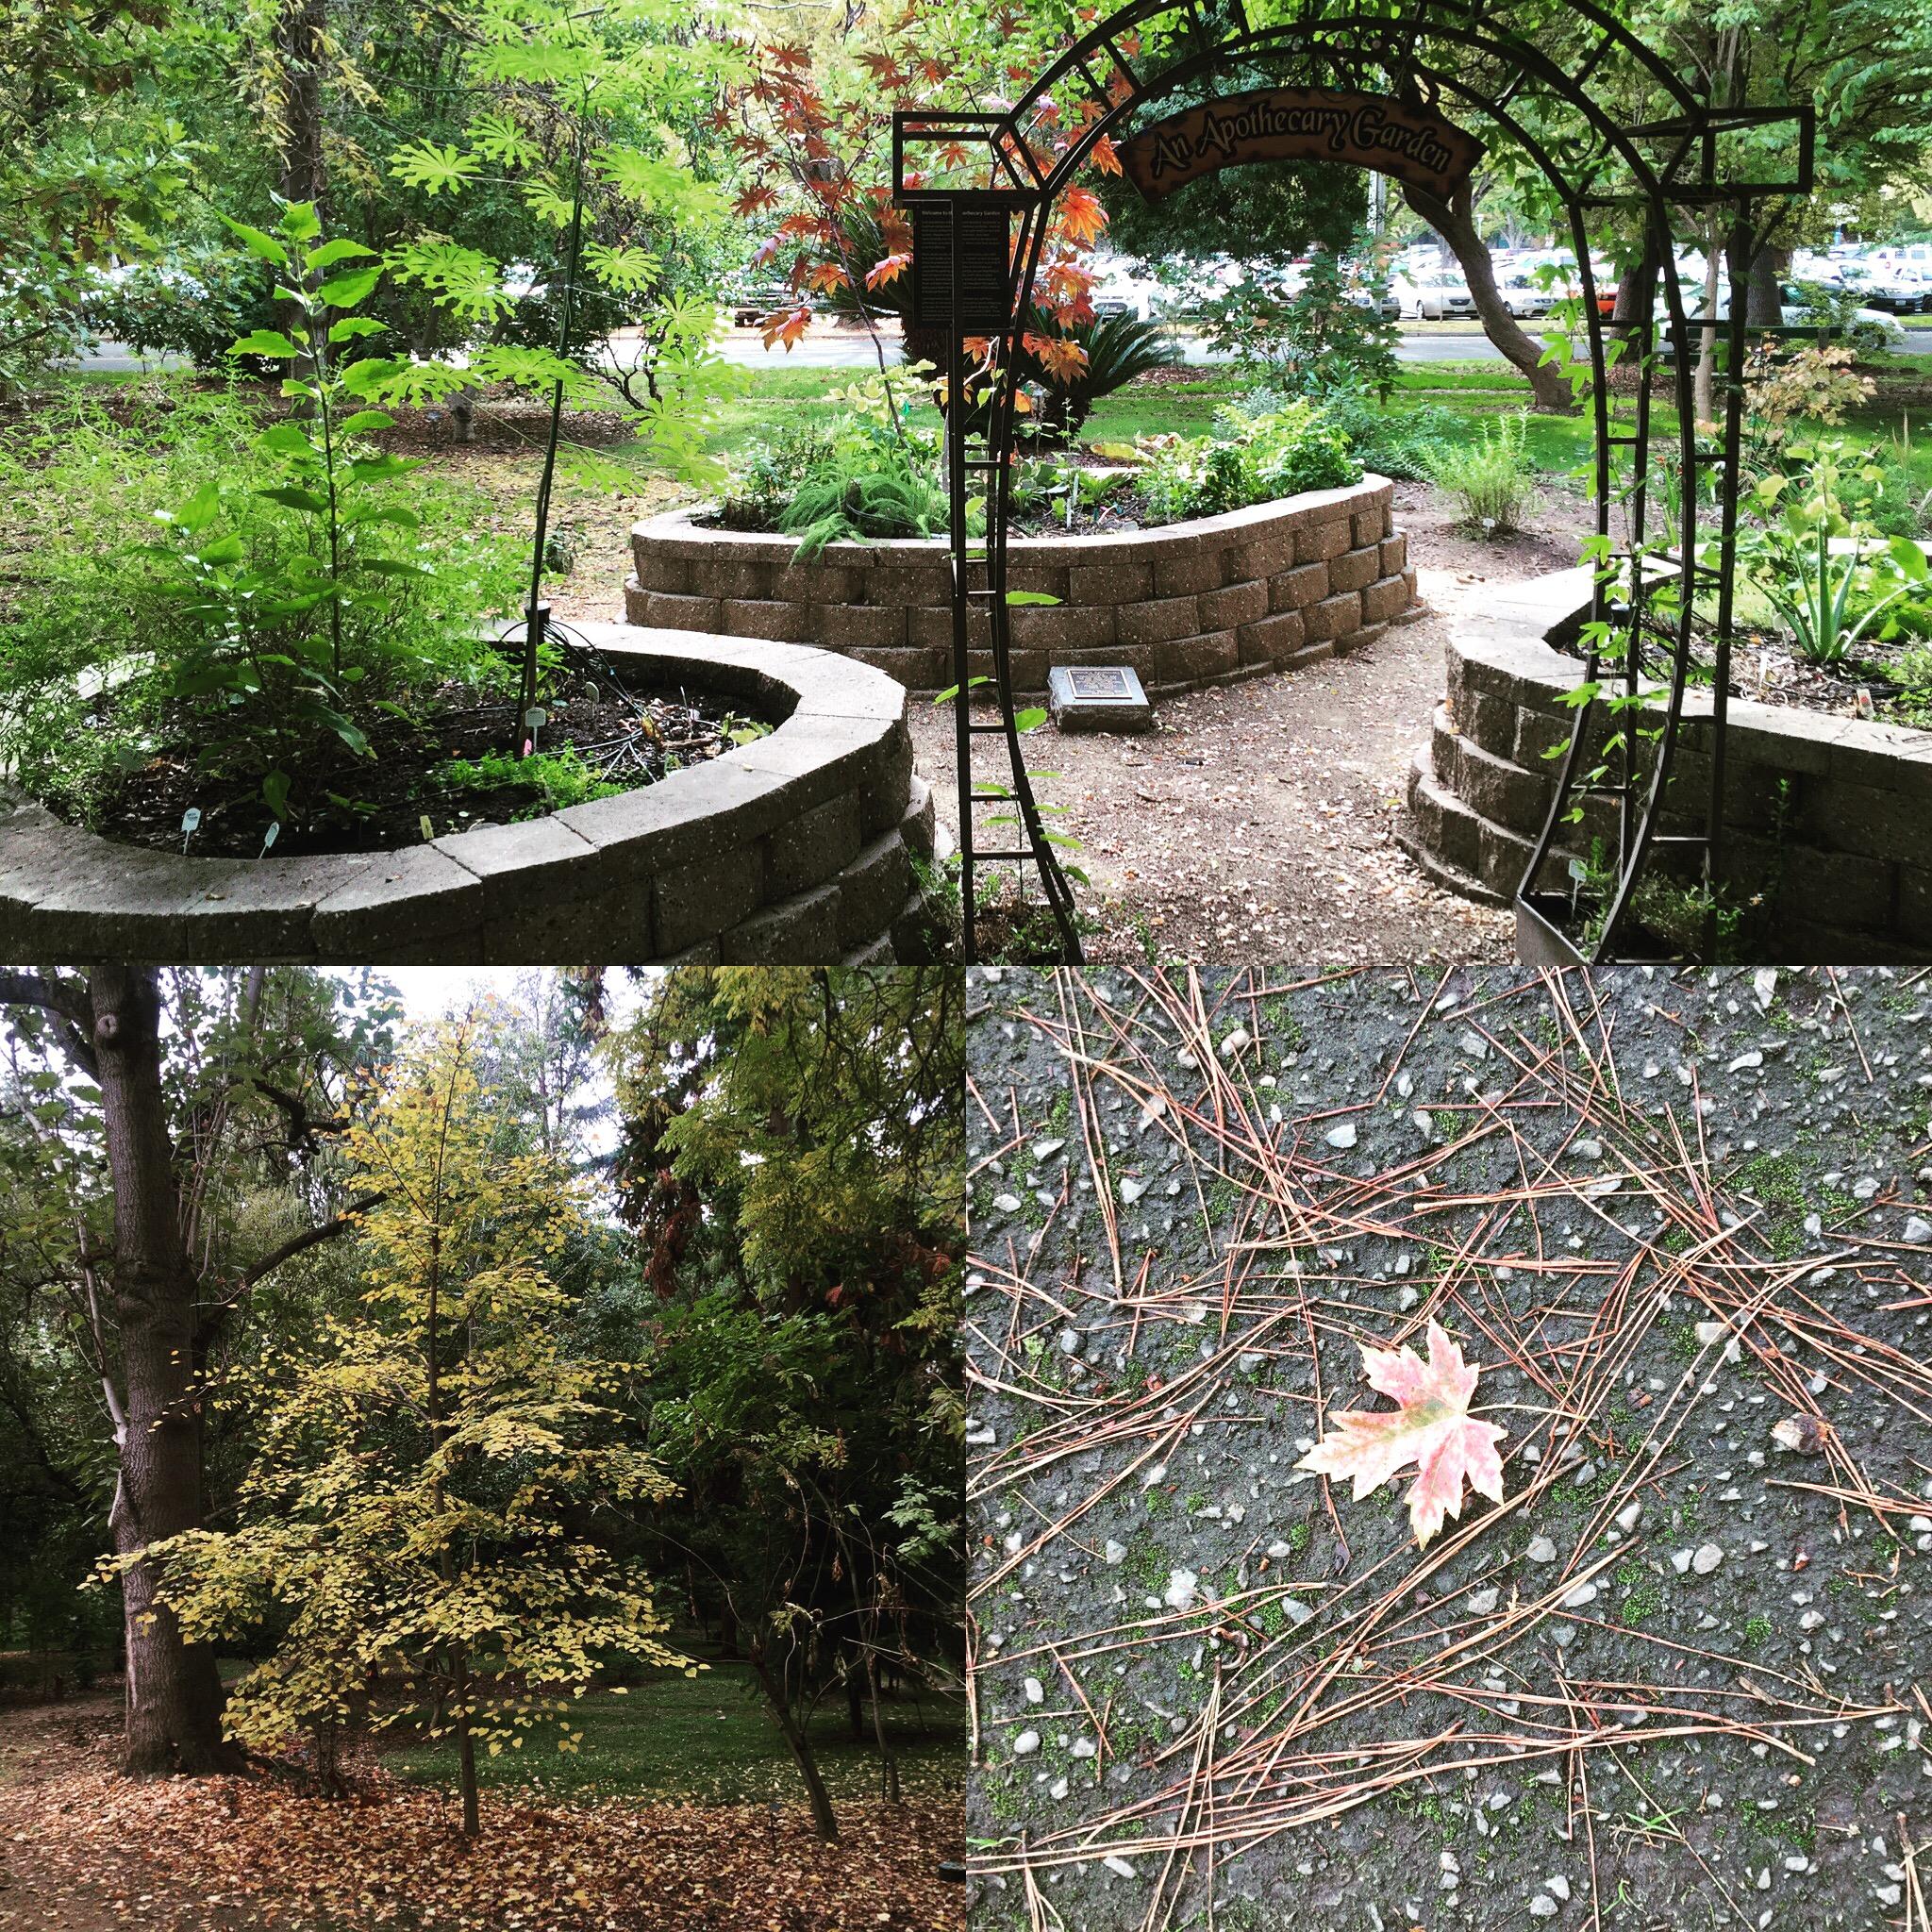 Sacramento State Arboretum